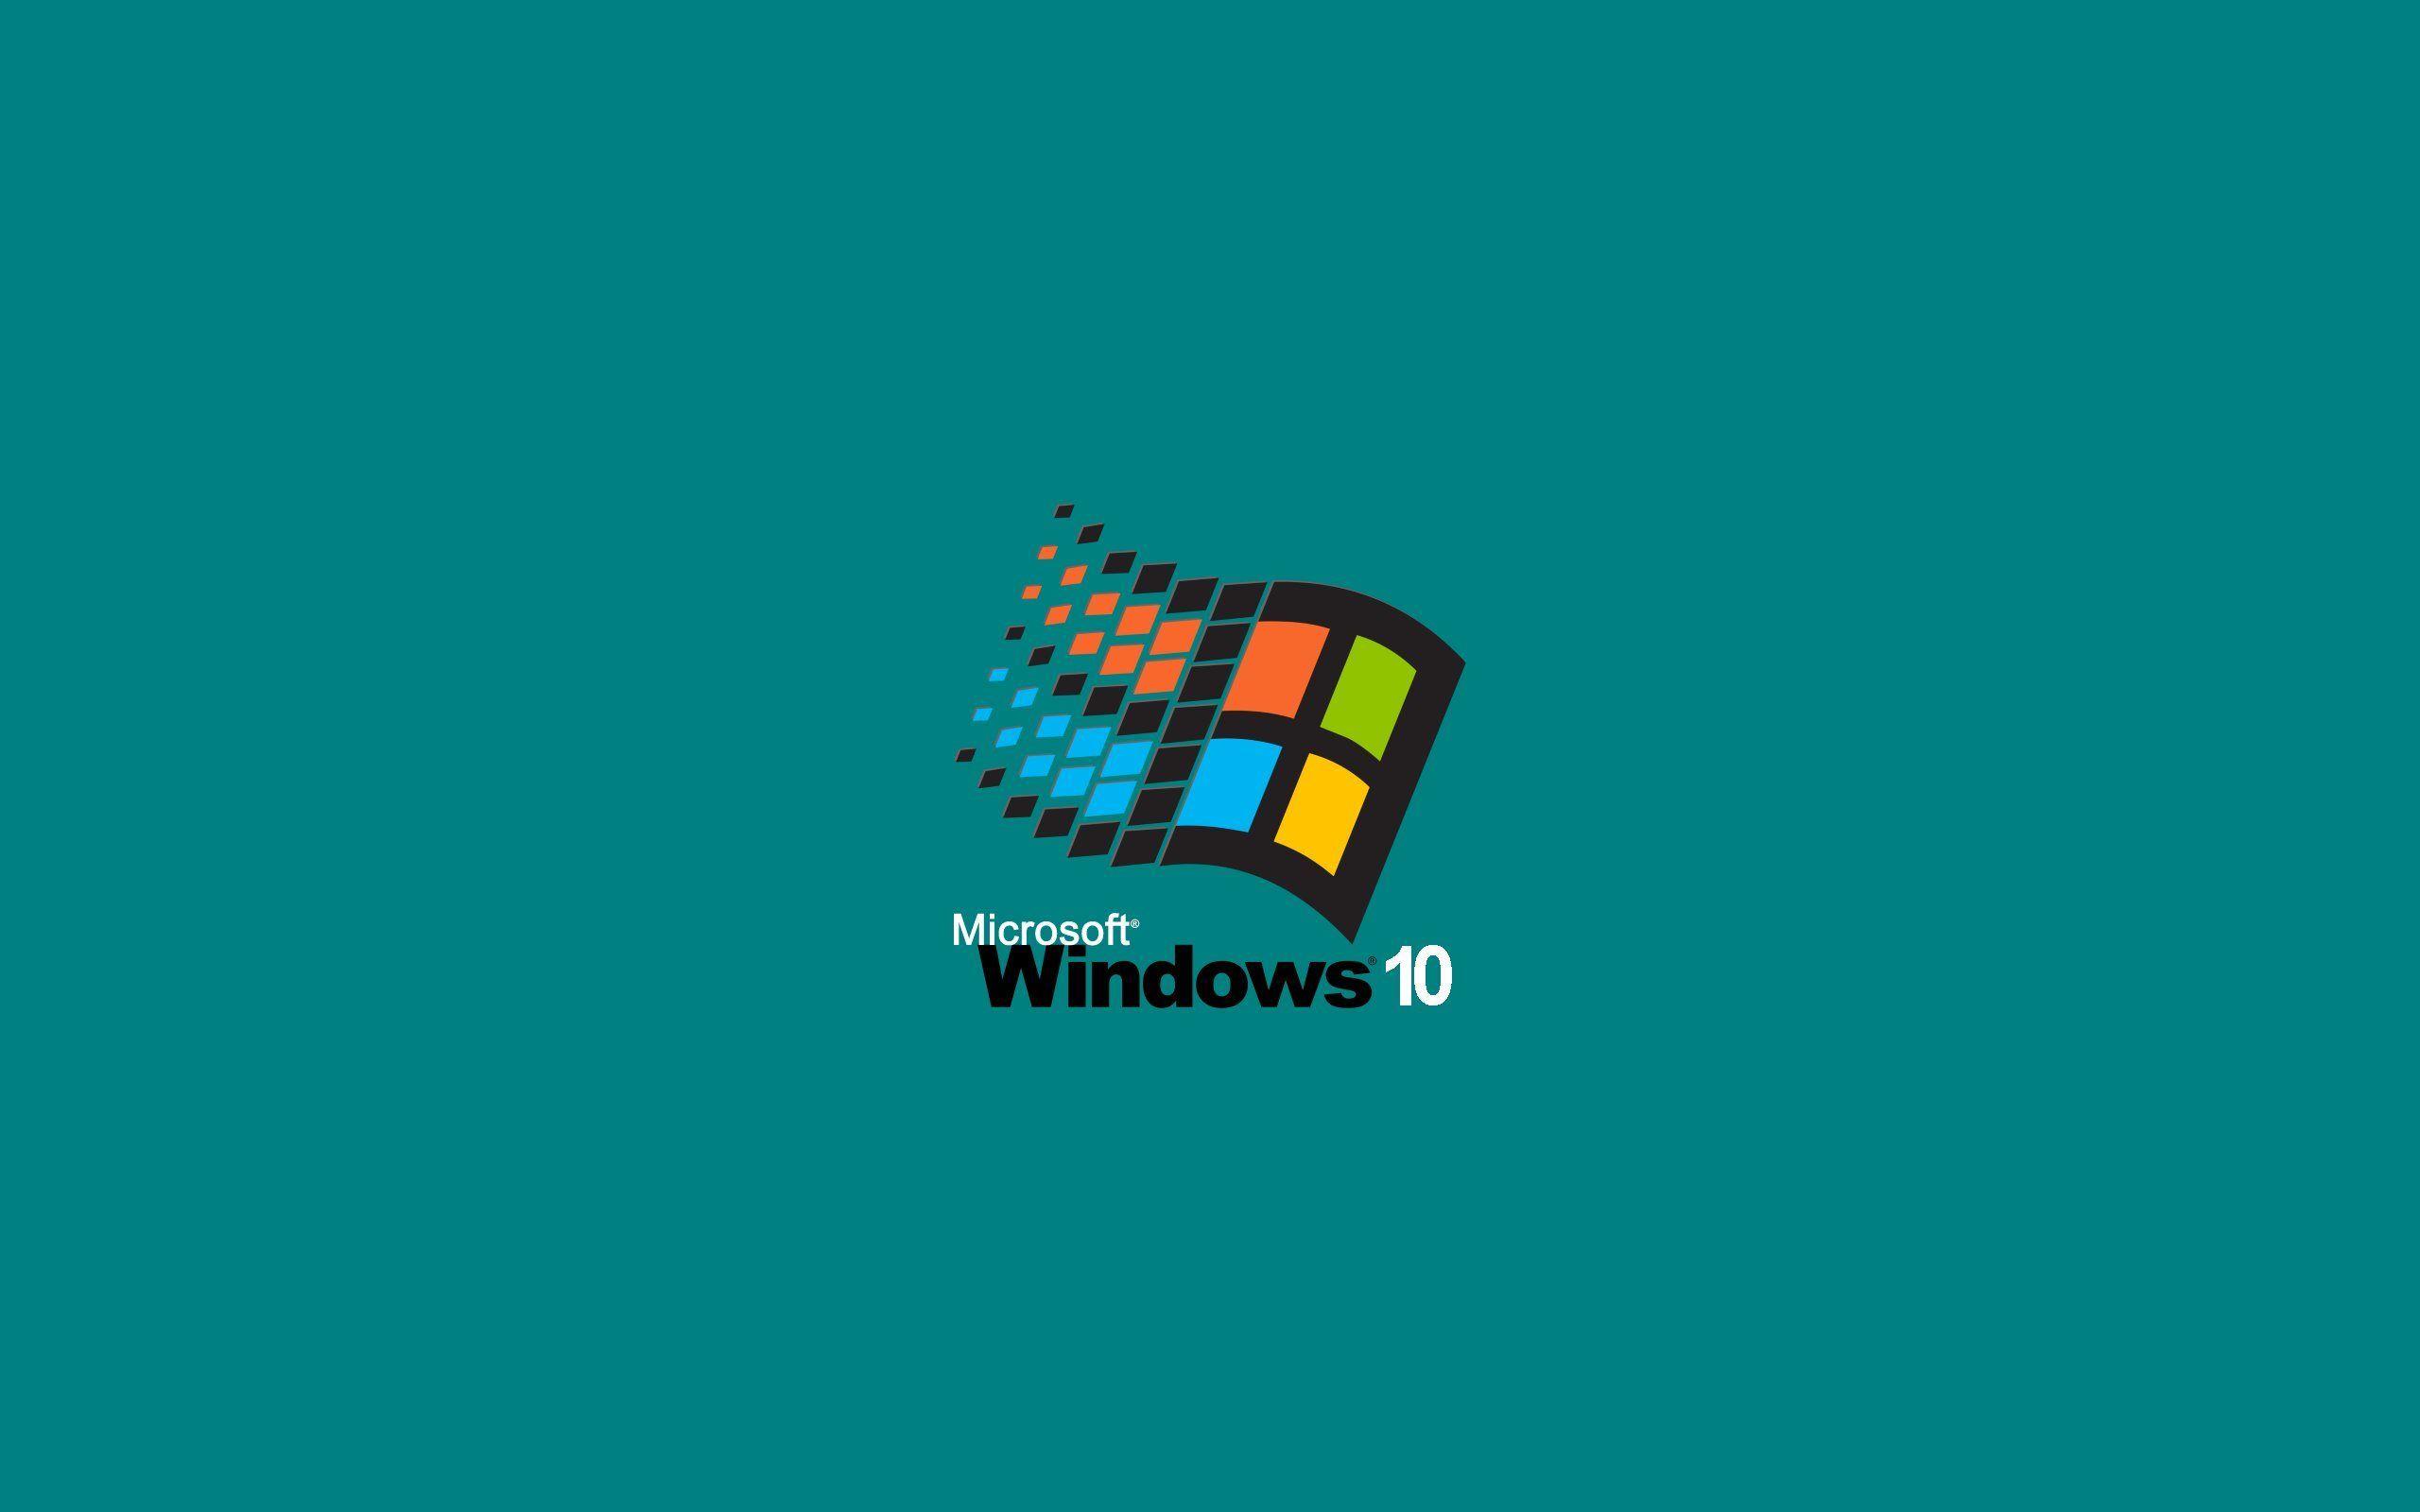 logo fond bleu windows 95